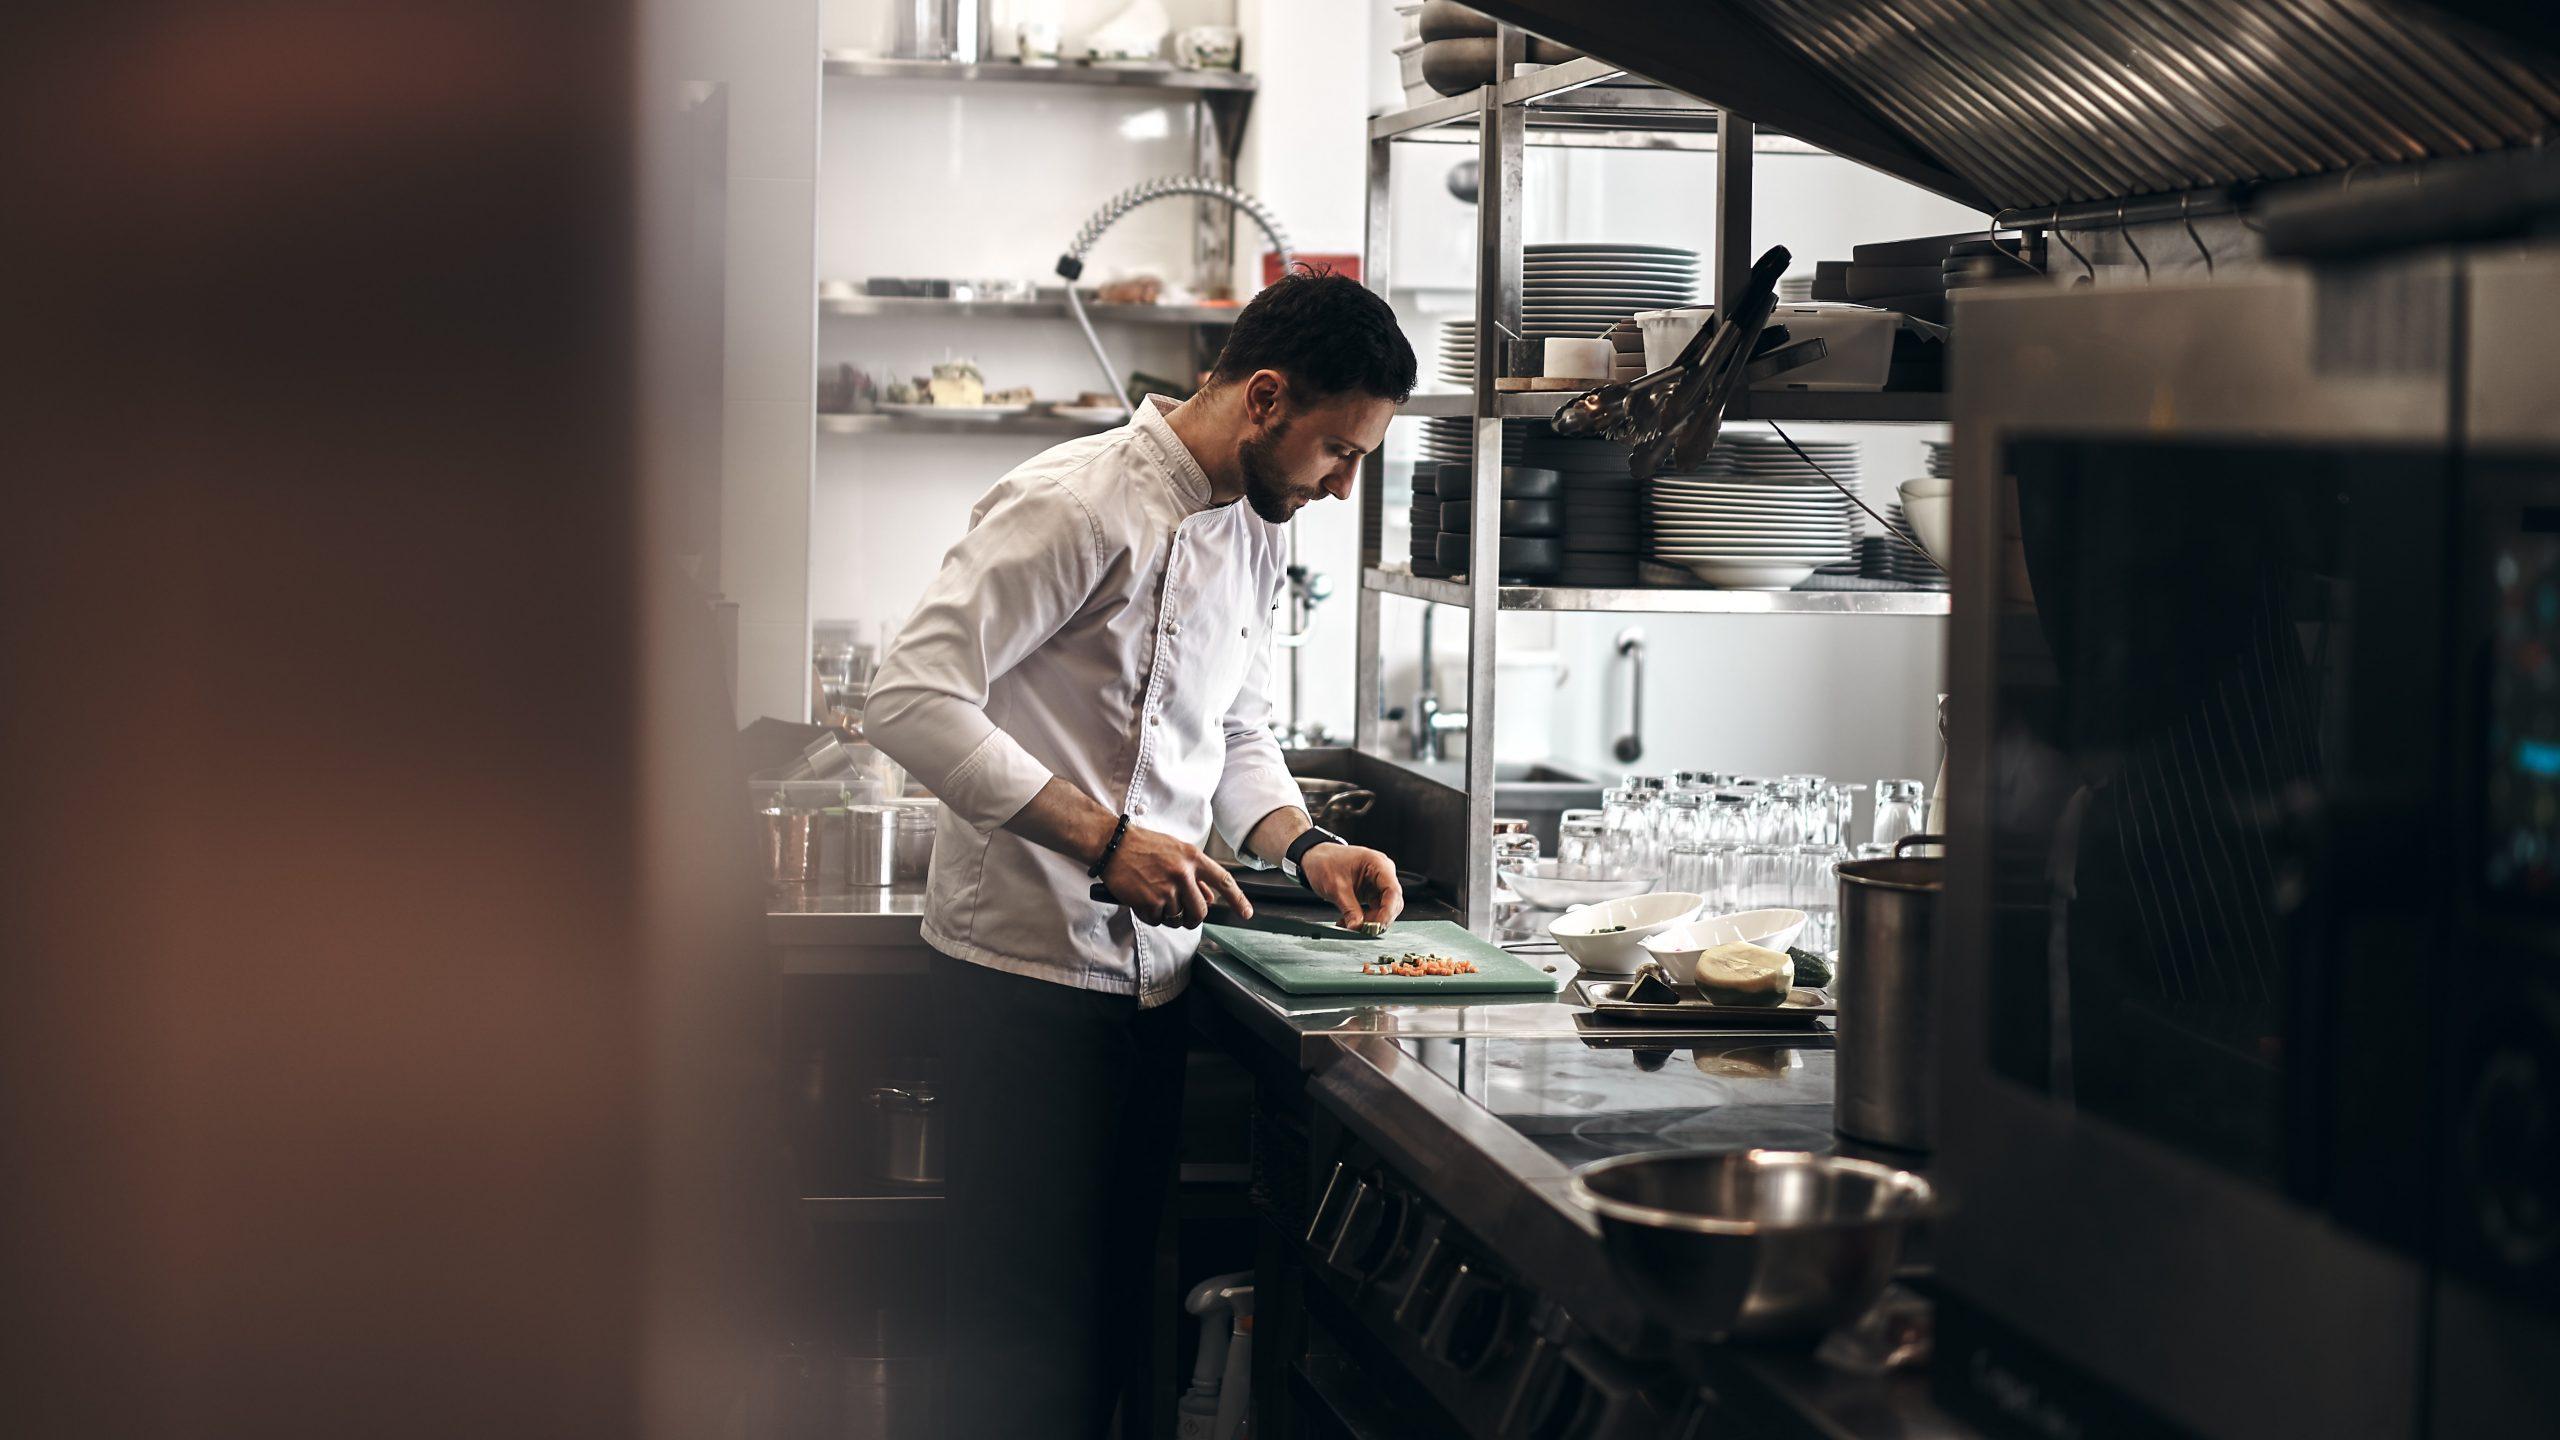 sostenible interior cocina